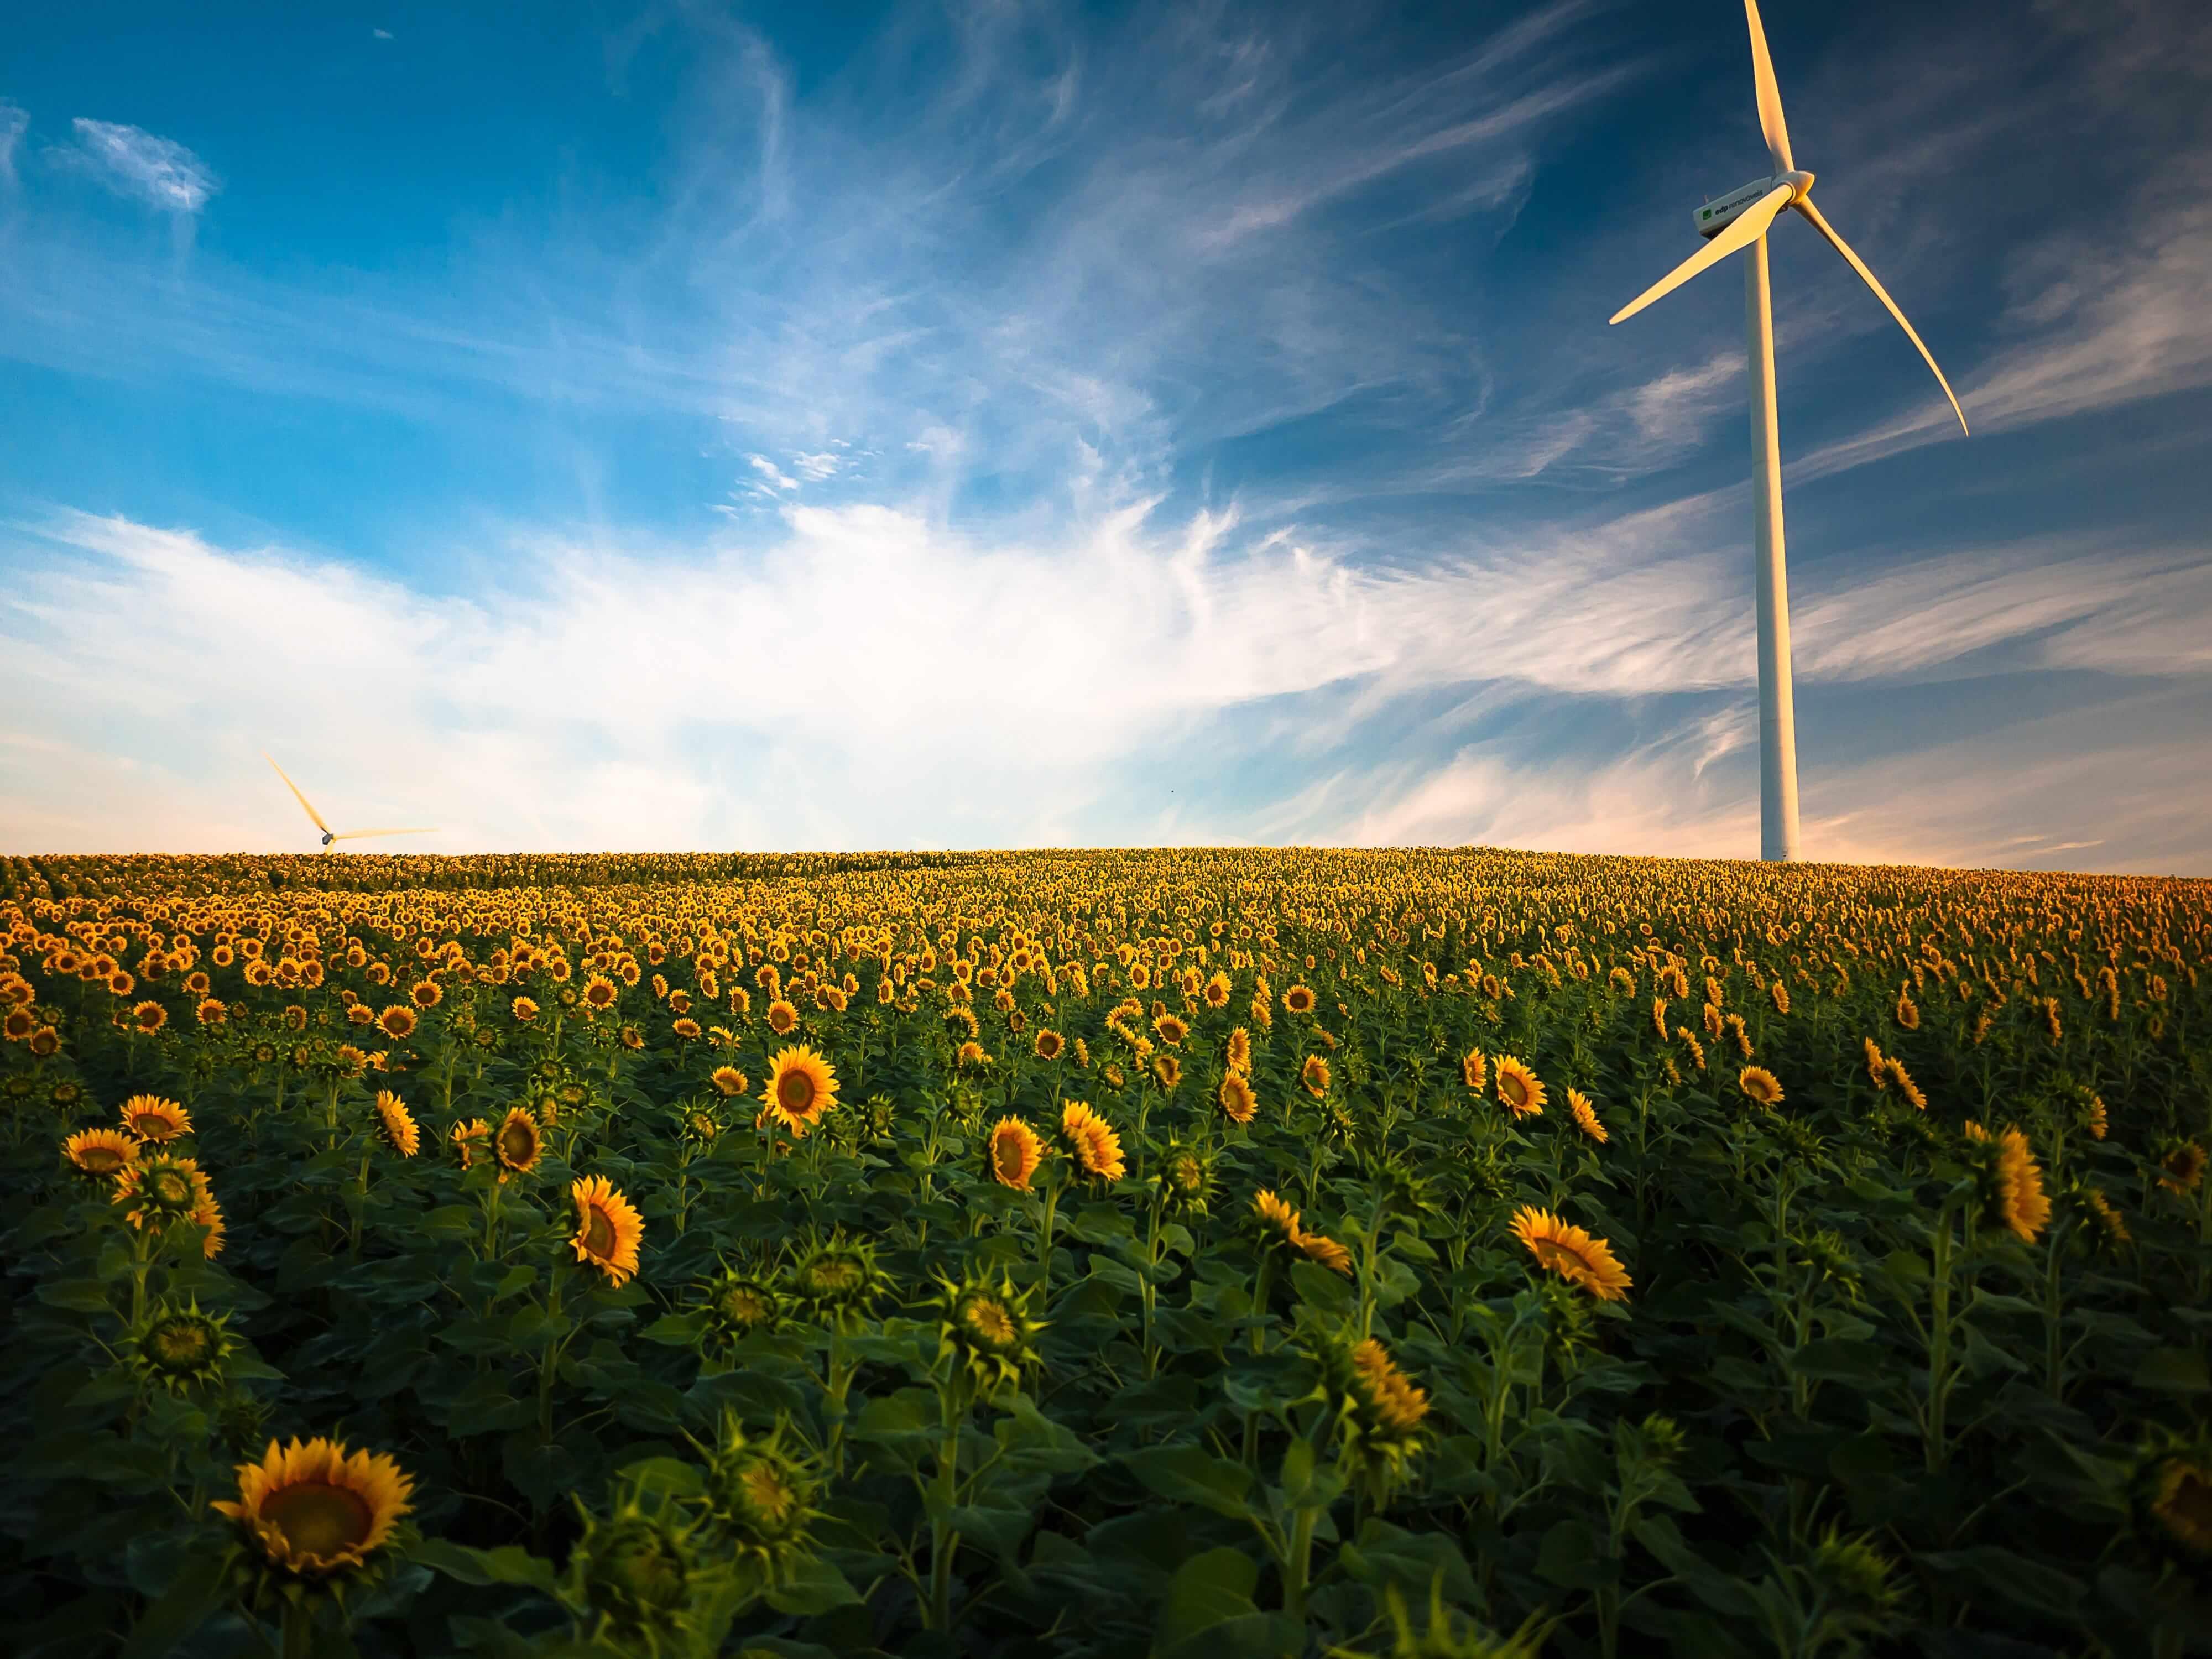 ein-feld-mit-sonnenblumen-unter-blauem-himmel-und-ein-windrad